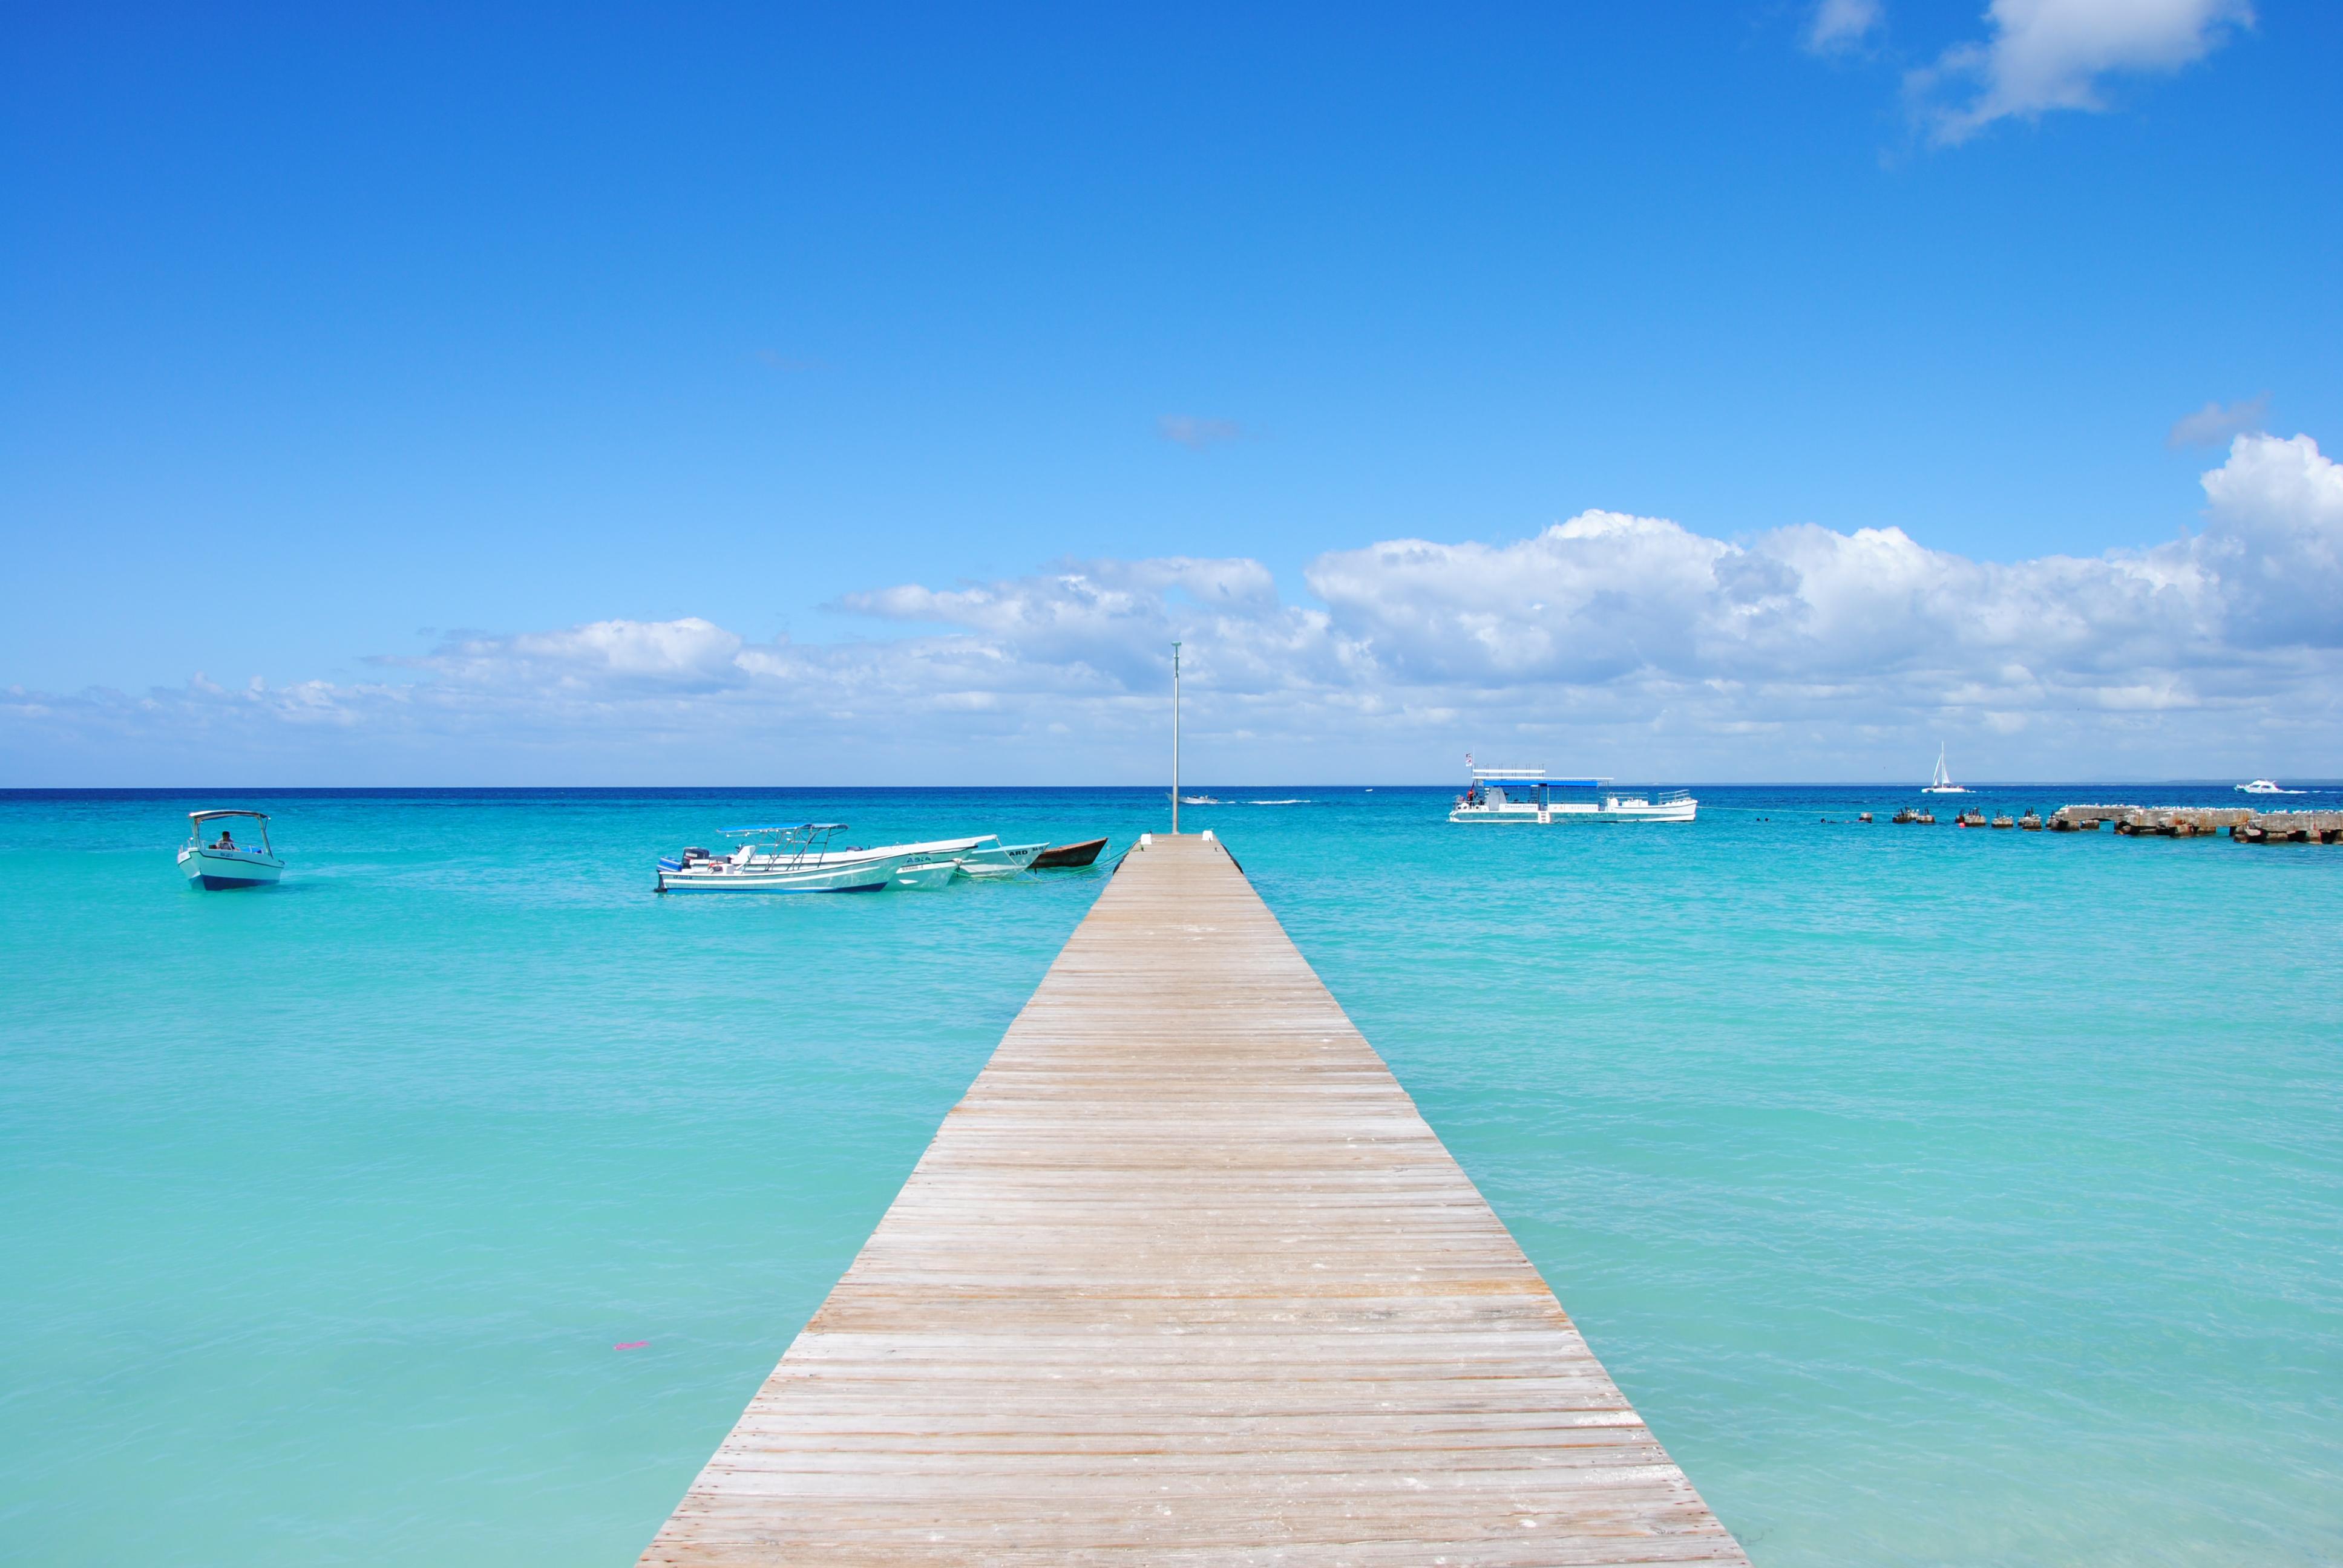 Sommer Foto: Steg, der ins Wasser führt, Saona Island, Dominikanische Republik